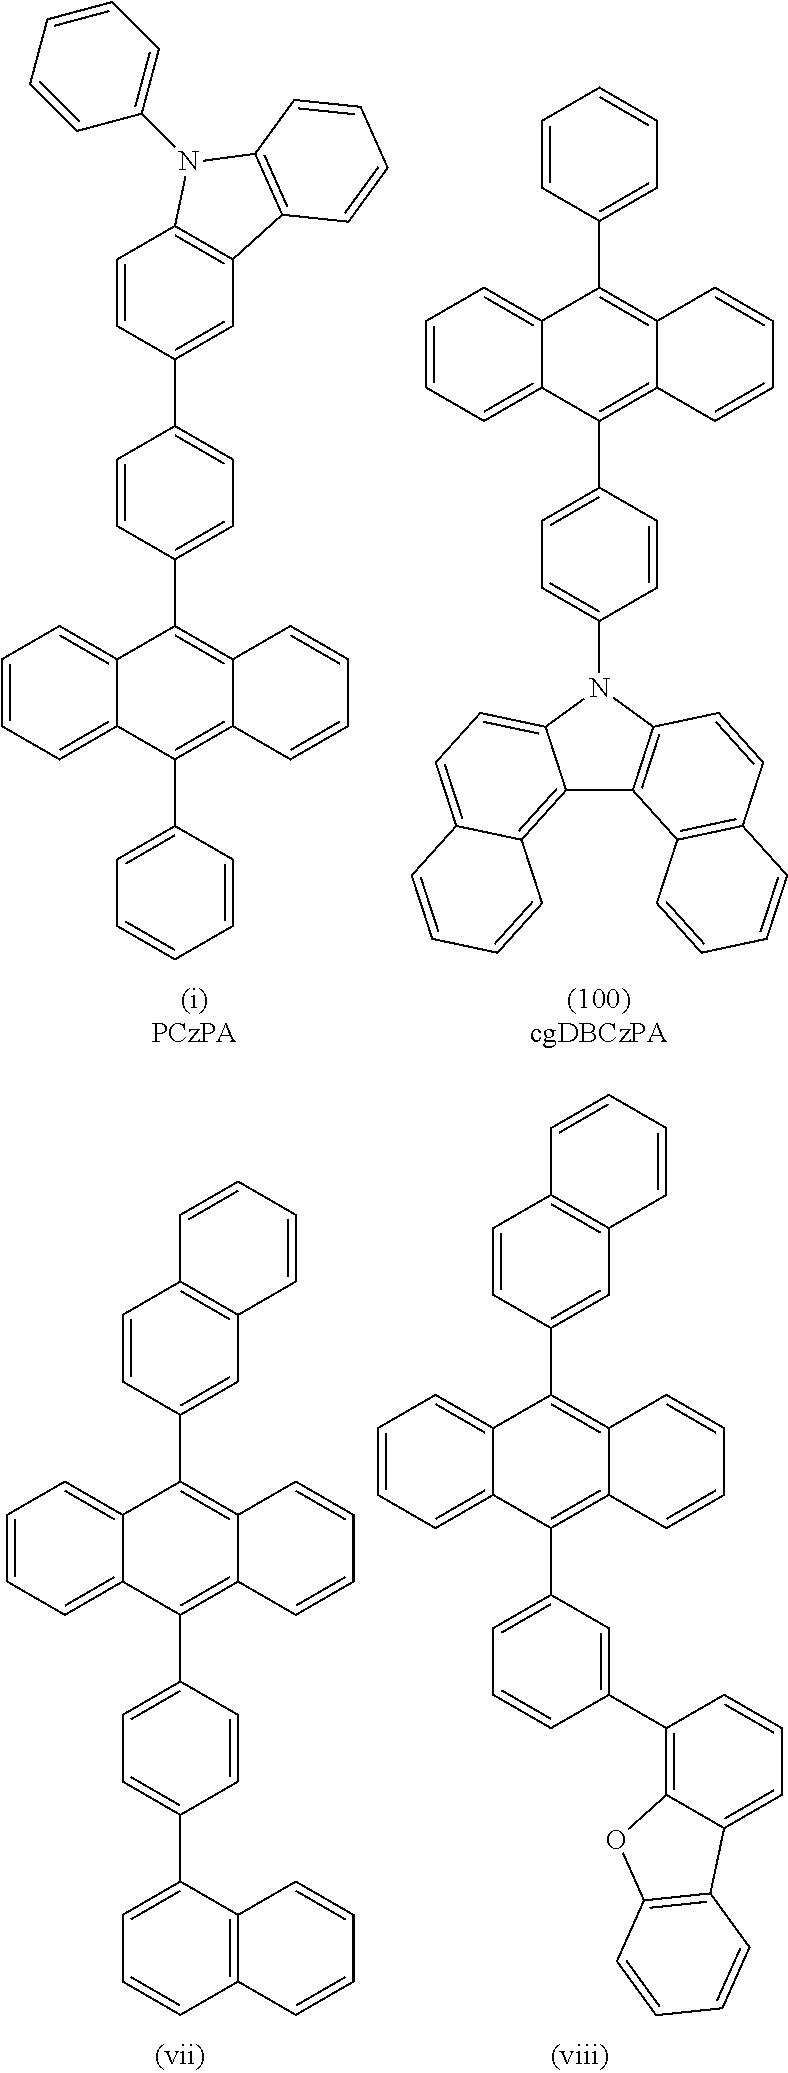 Figure US09240558-20160119-C00067